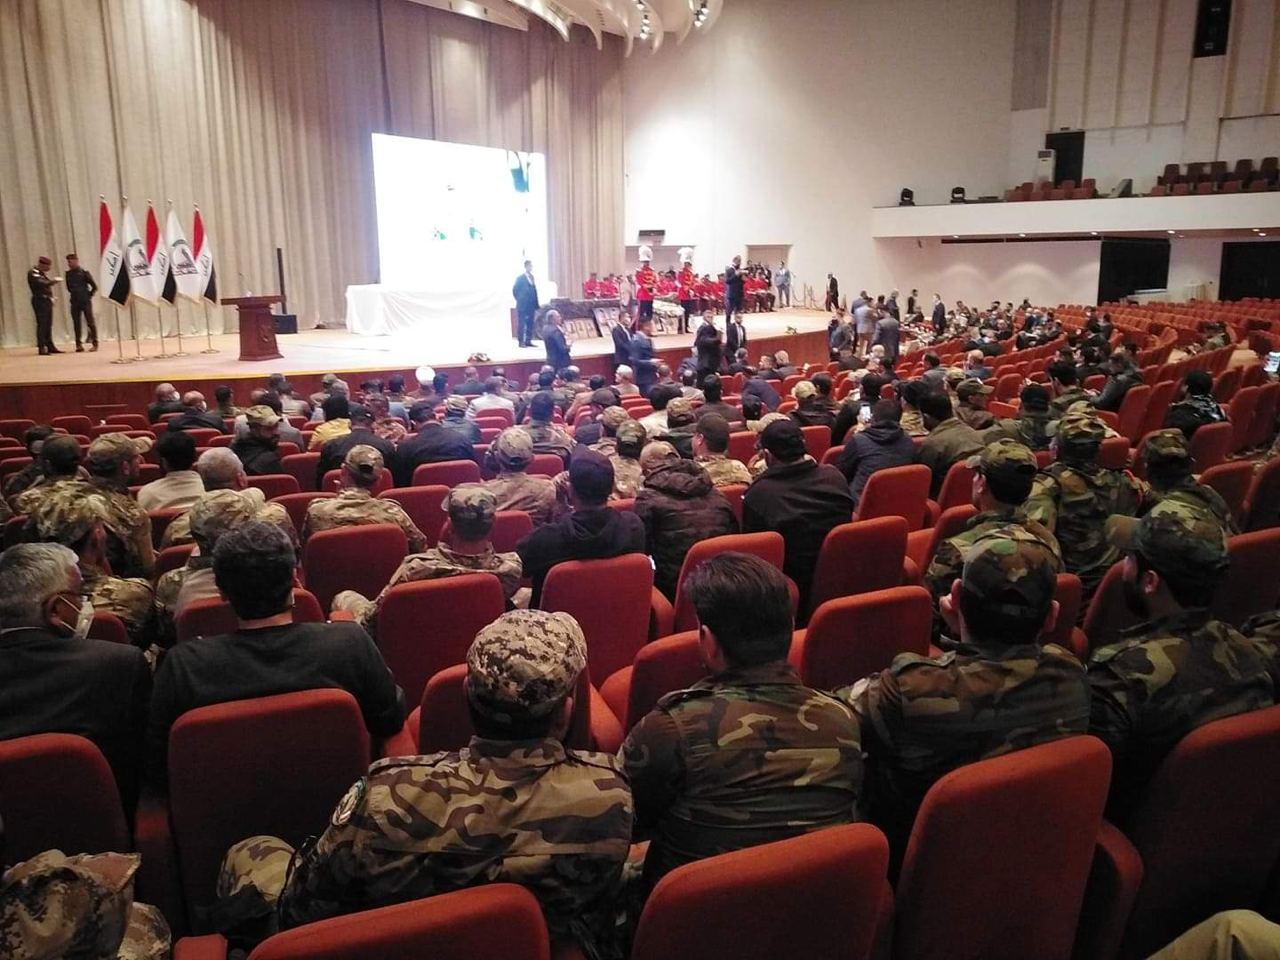 #بالفيديو : تغطية خاصة للحفل التأبيني الرسمي لمجلس النواب العراقي بمناسبة الذكرى السنوية الاولى لاستشهاد قادة النصر .